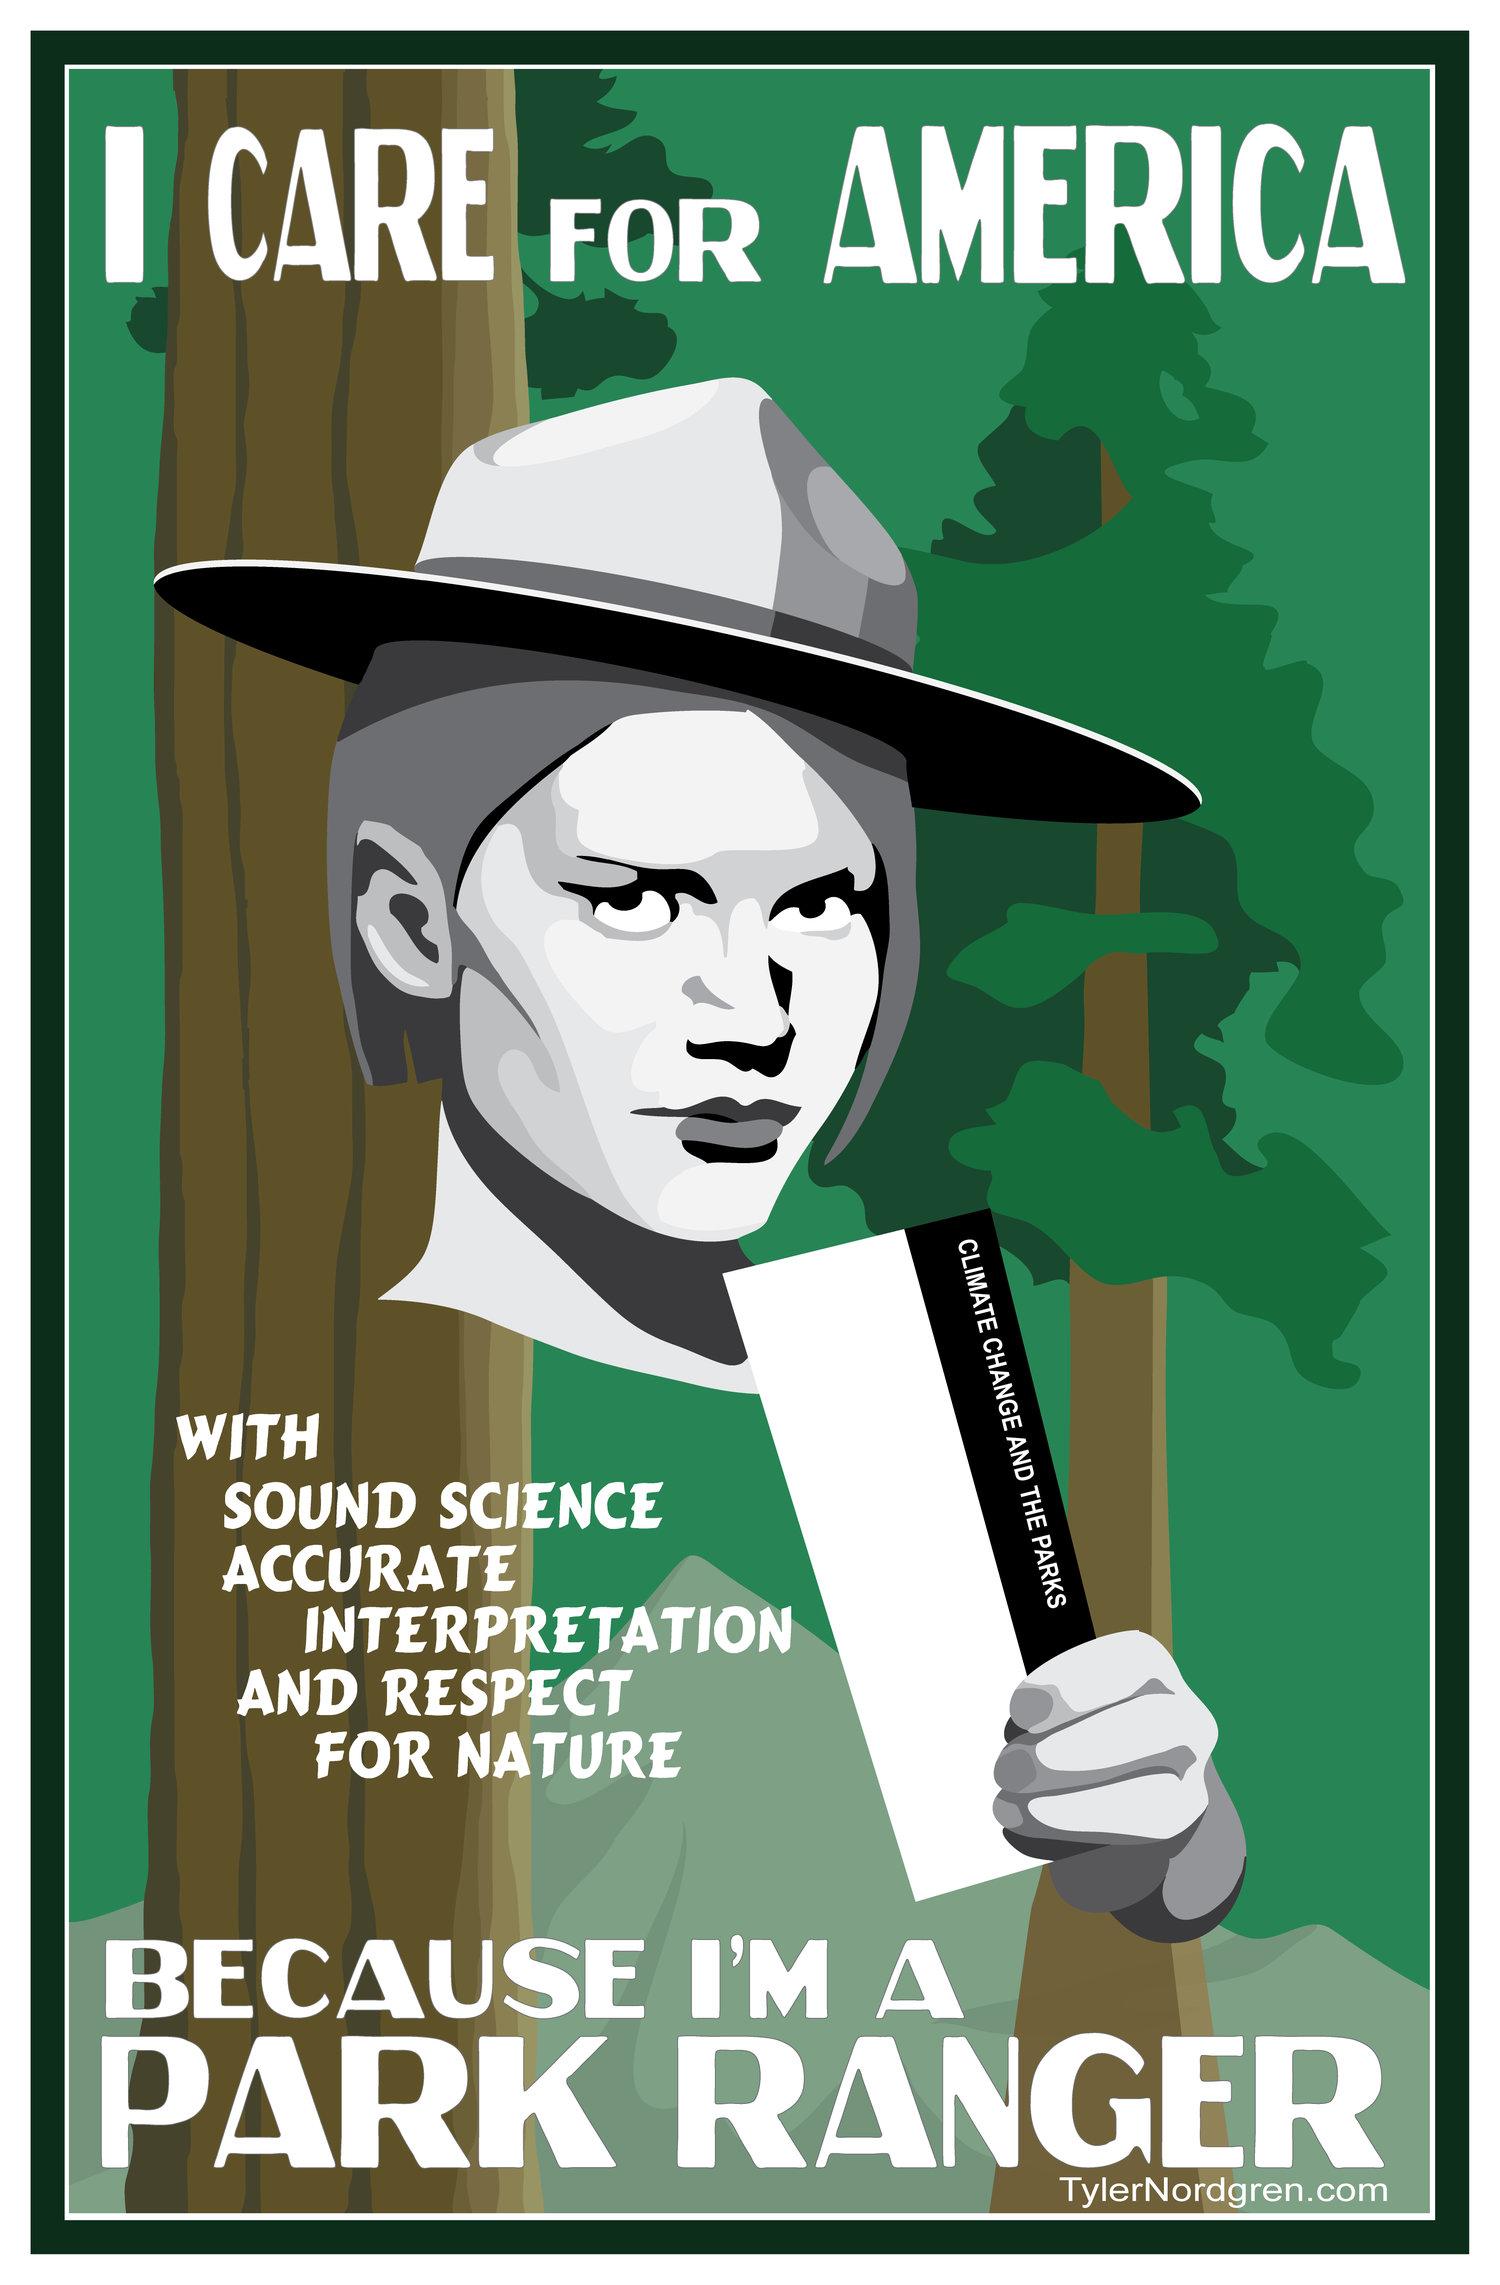 Park ranger poster